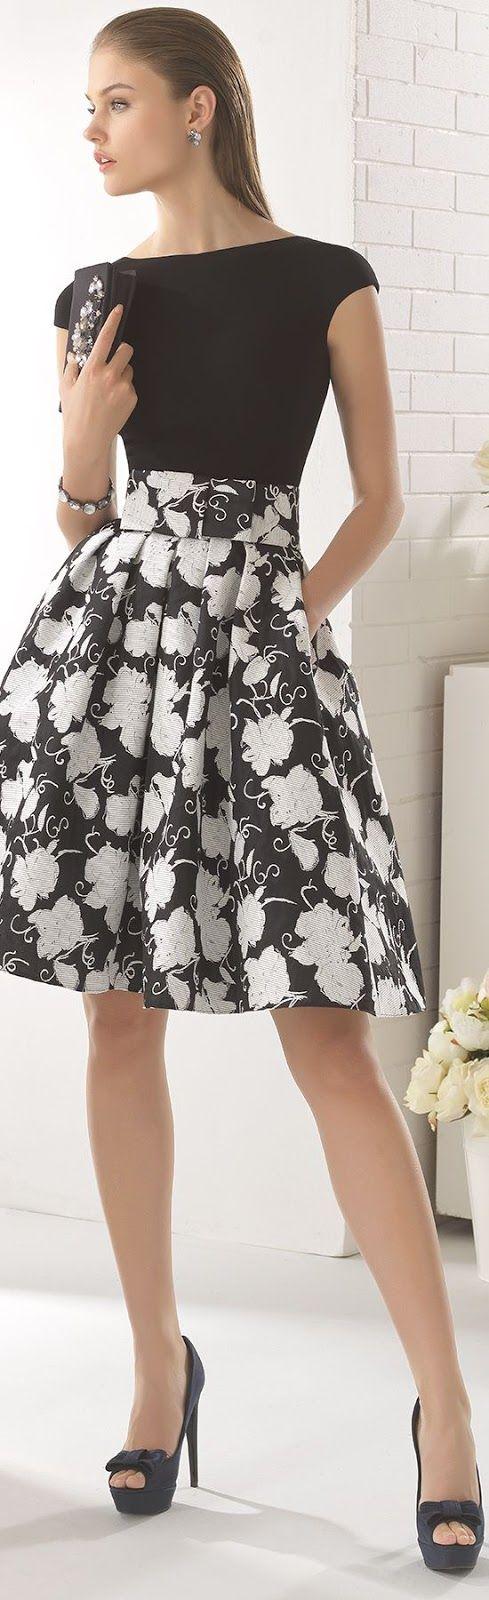 """Blog sobre patrones a medida y costura. Aprende a diseñar tu moda.                  """"Tu estilo es único, llévalo al límite"""""""